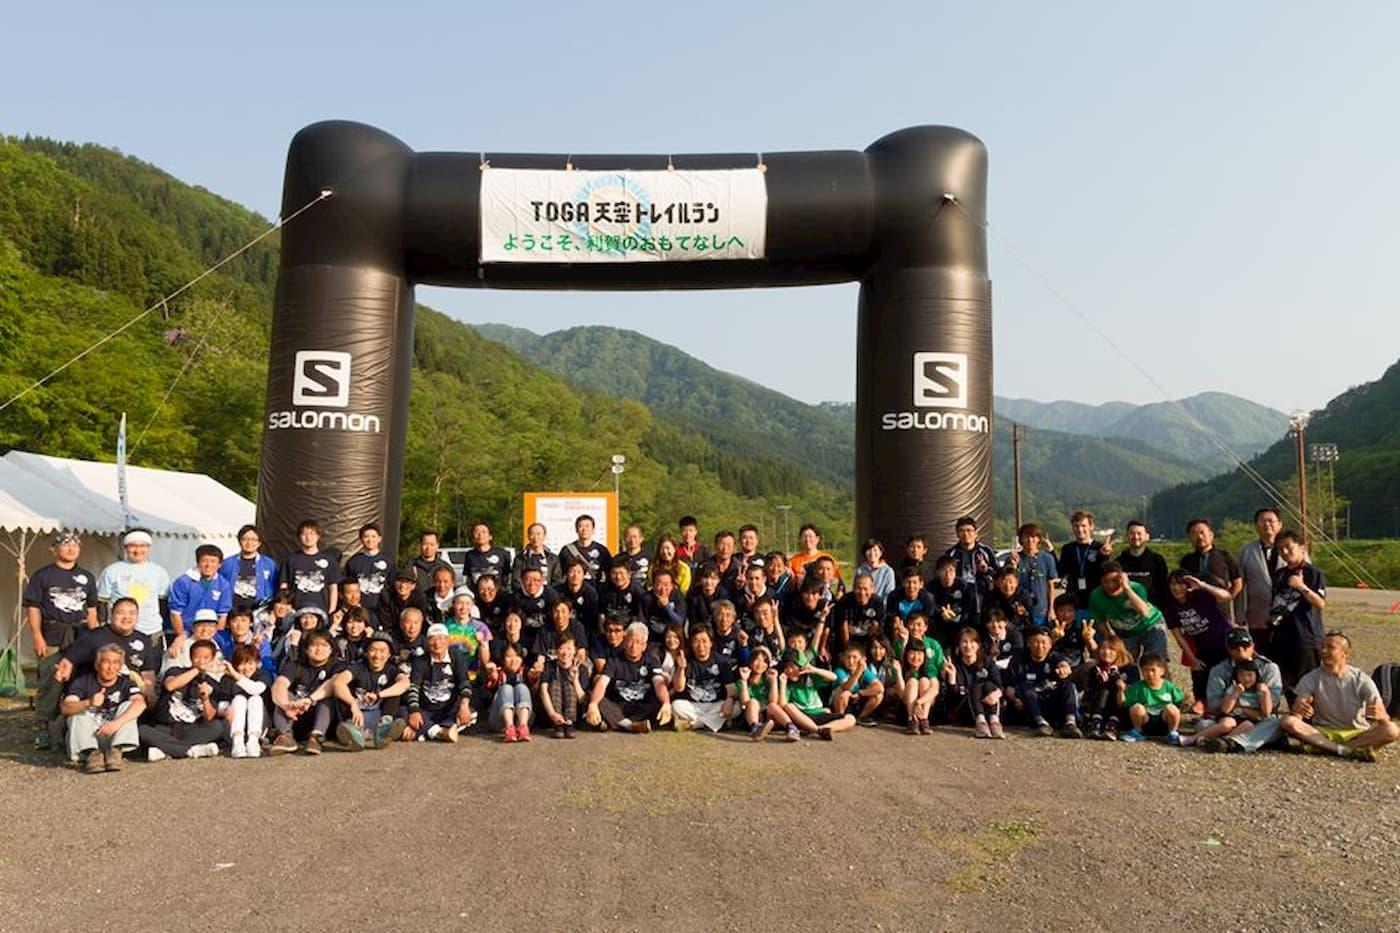 TOGA天空トレイルラン | 富山(利賀国際キャンプ場)